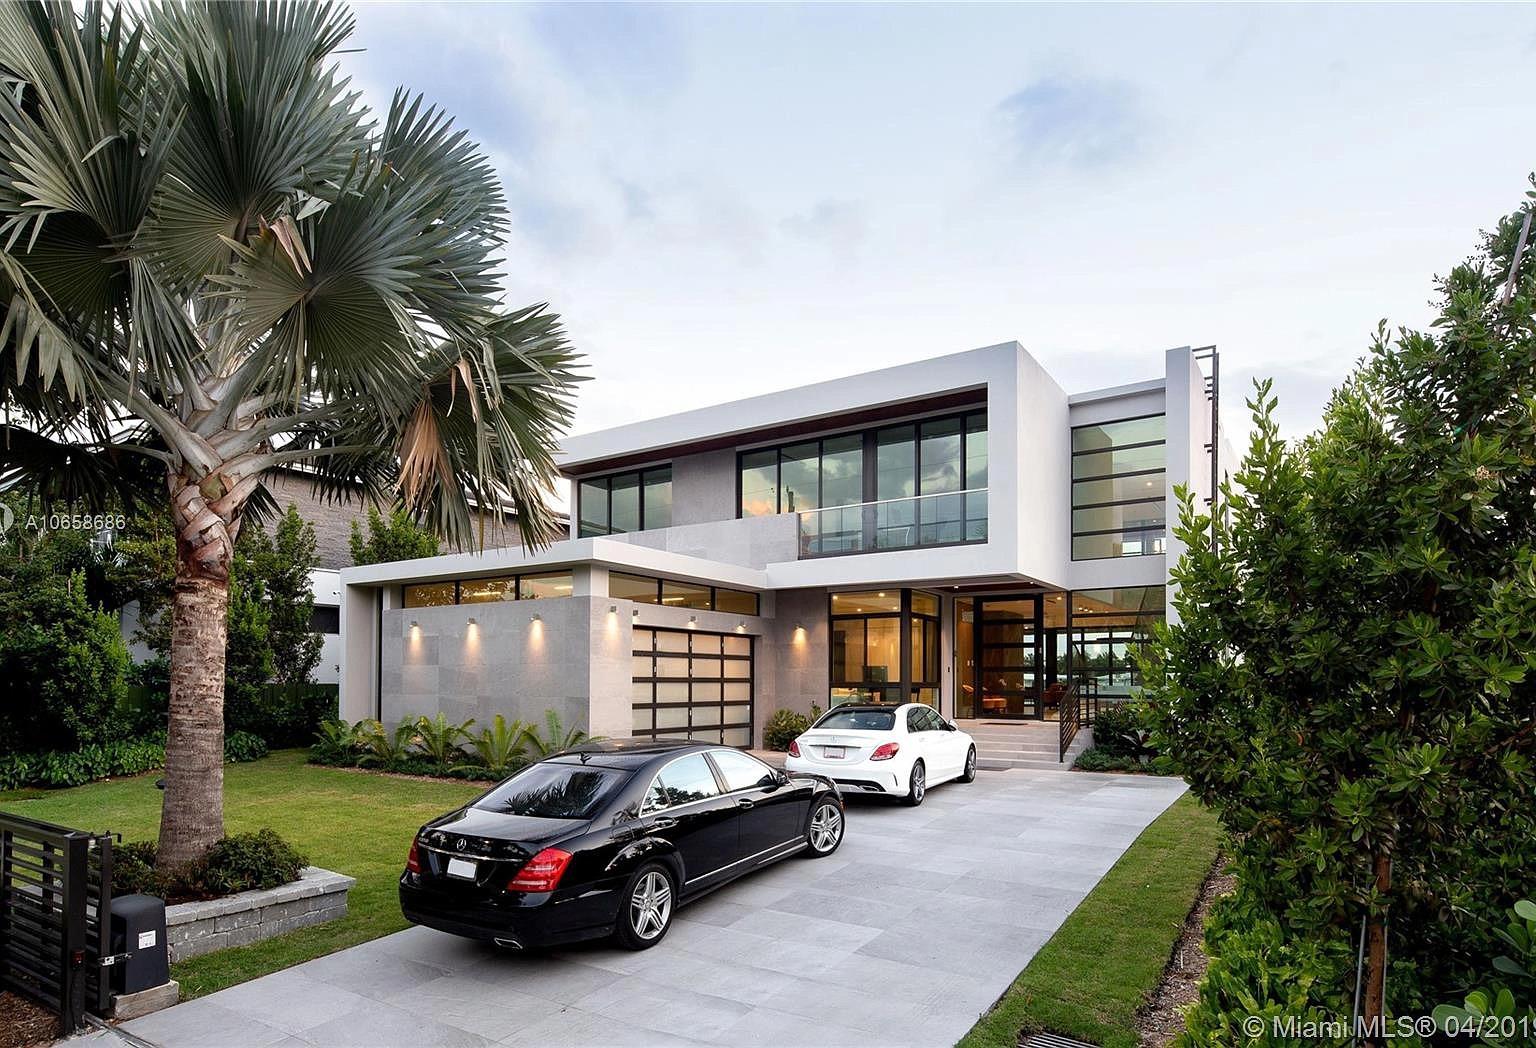 1234 S Biscayne Point Rd, Miami Beach, FL 33141